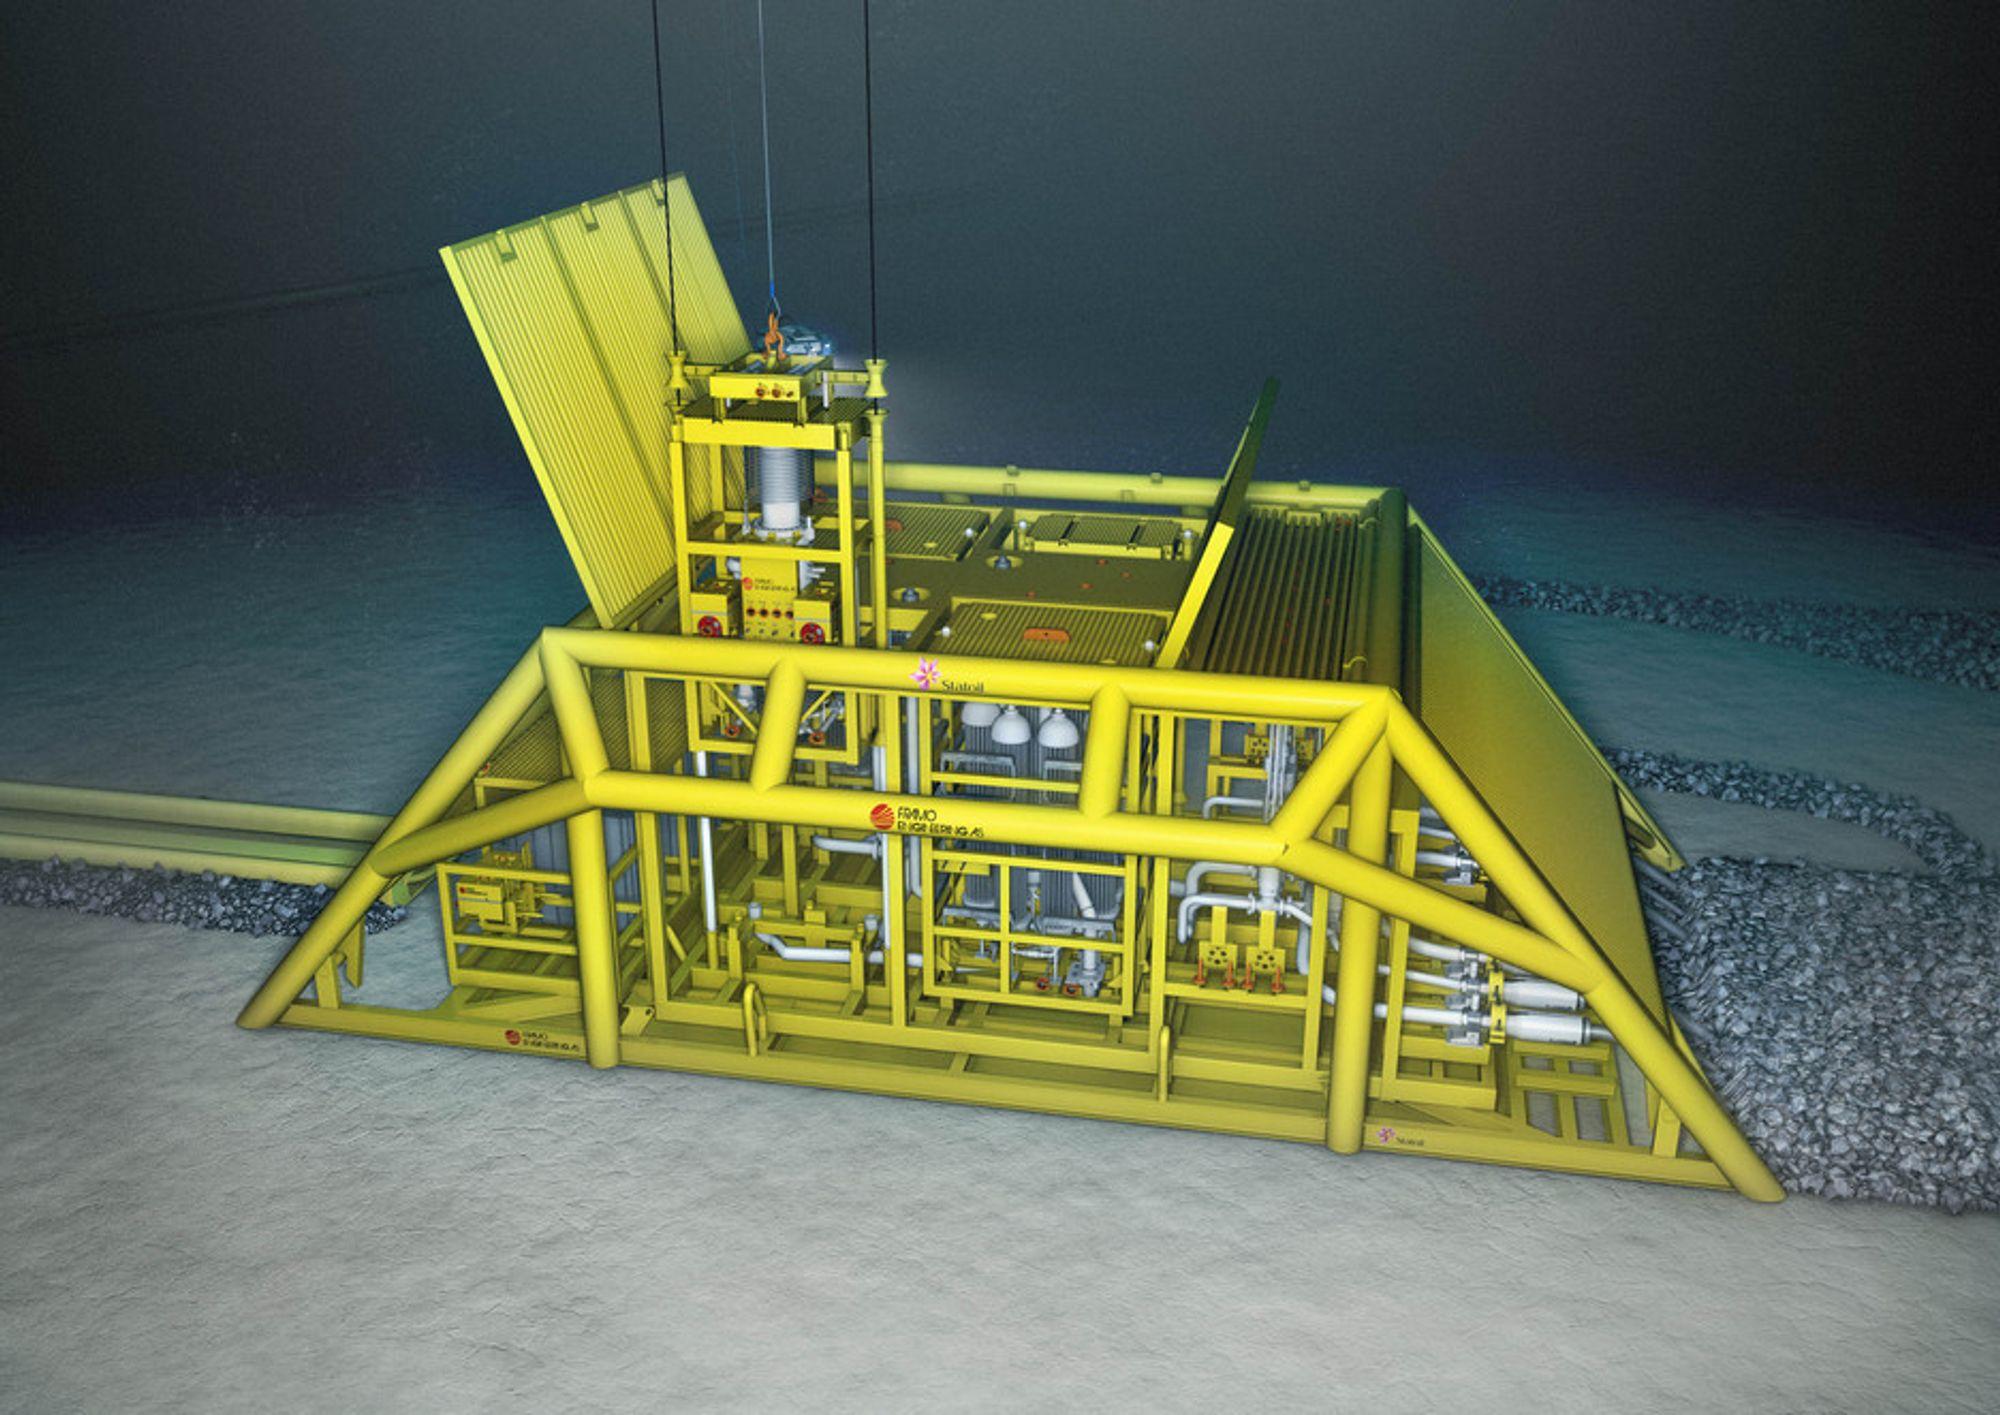 TRYKK: Kompressoren Framo Engineering har utviklet for Statoils Gullfkas Sør består av to kompressorer, to subsea kjølere, subsea manifold samt krontrollutrustning. Enheten er 35 meter lang, 10 meter bred og 12 meter høy.